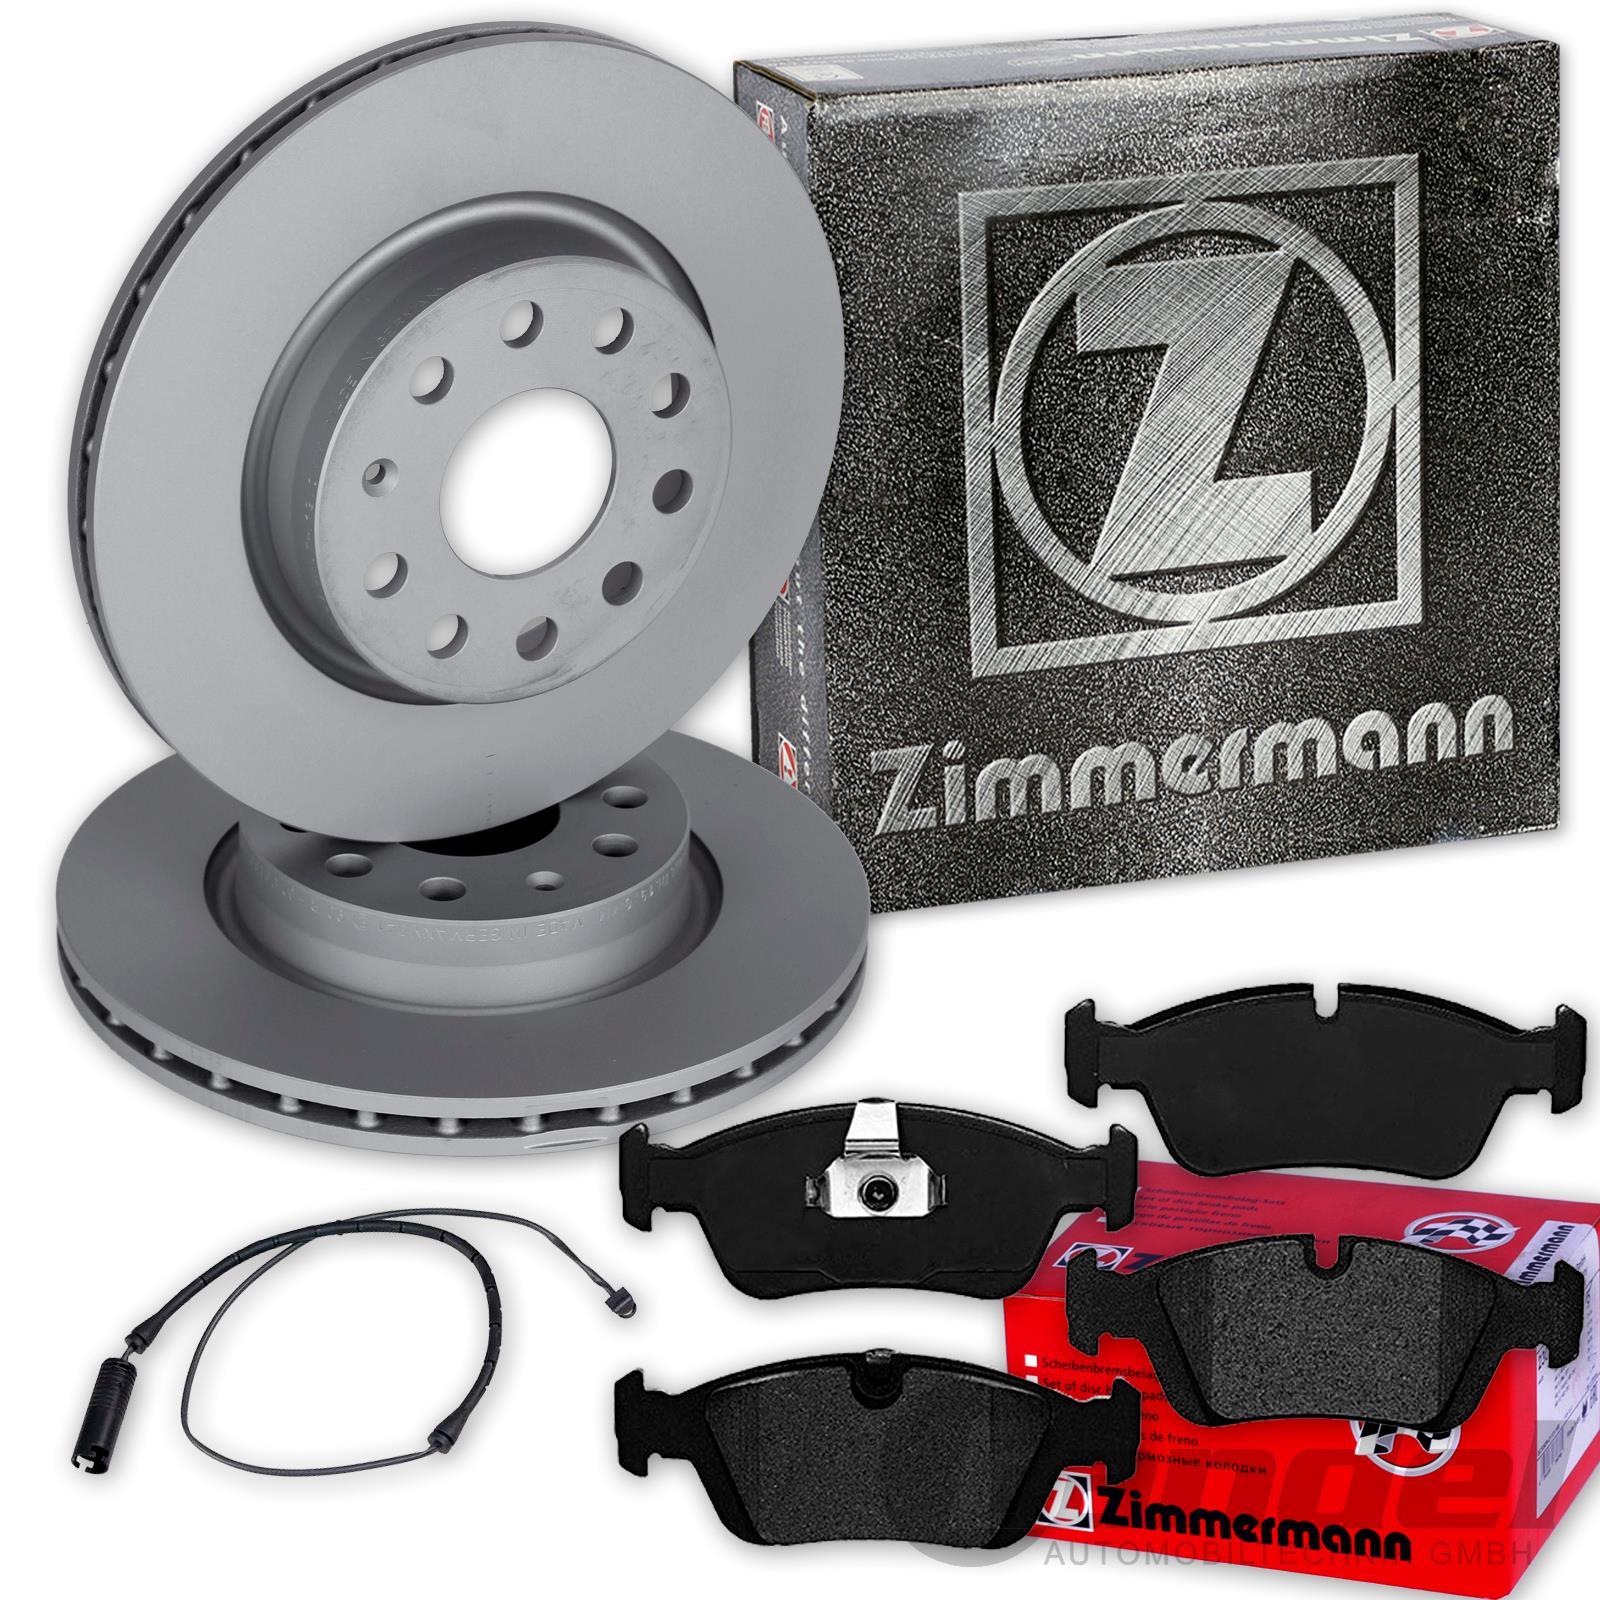 2 X Zimmermann-Bremsscheibe-BMW-3-E36-E46-Touring-Coupe-Z3-Z4-Innenbelüfte Vorne